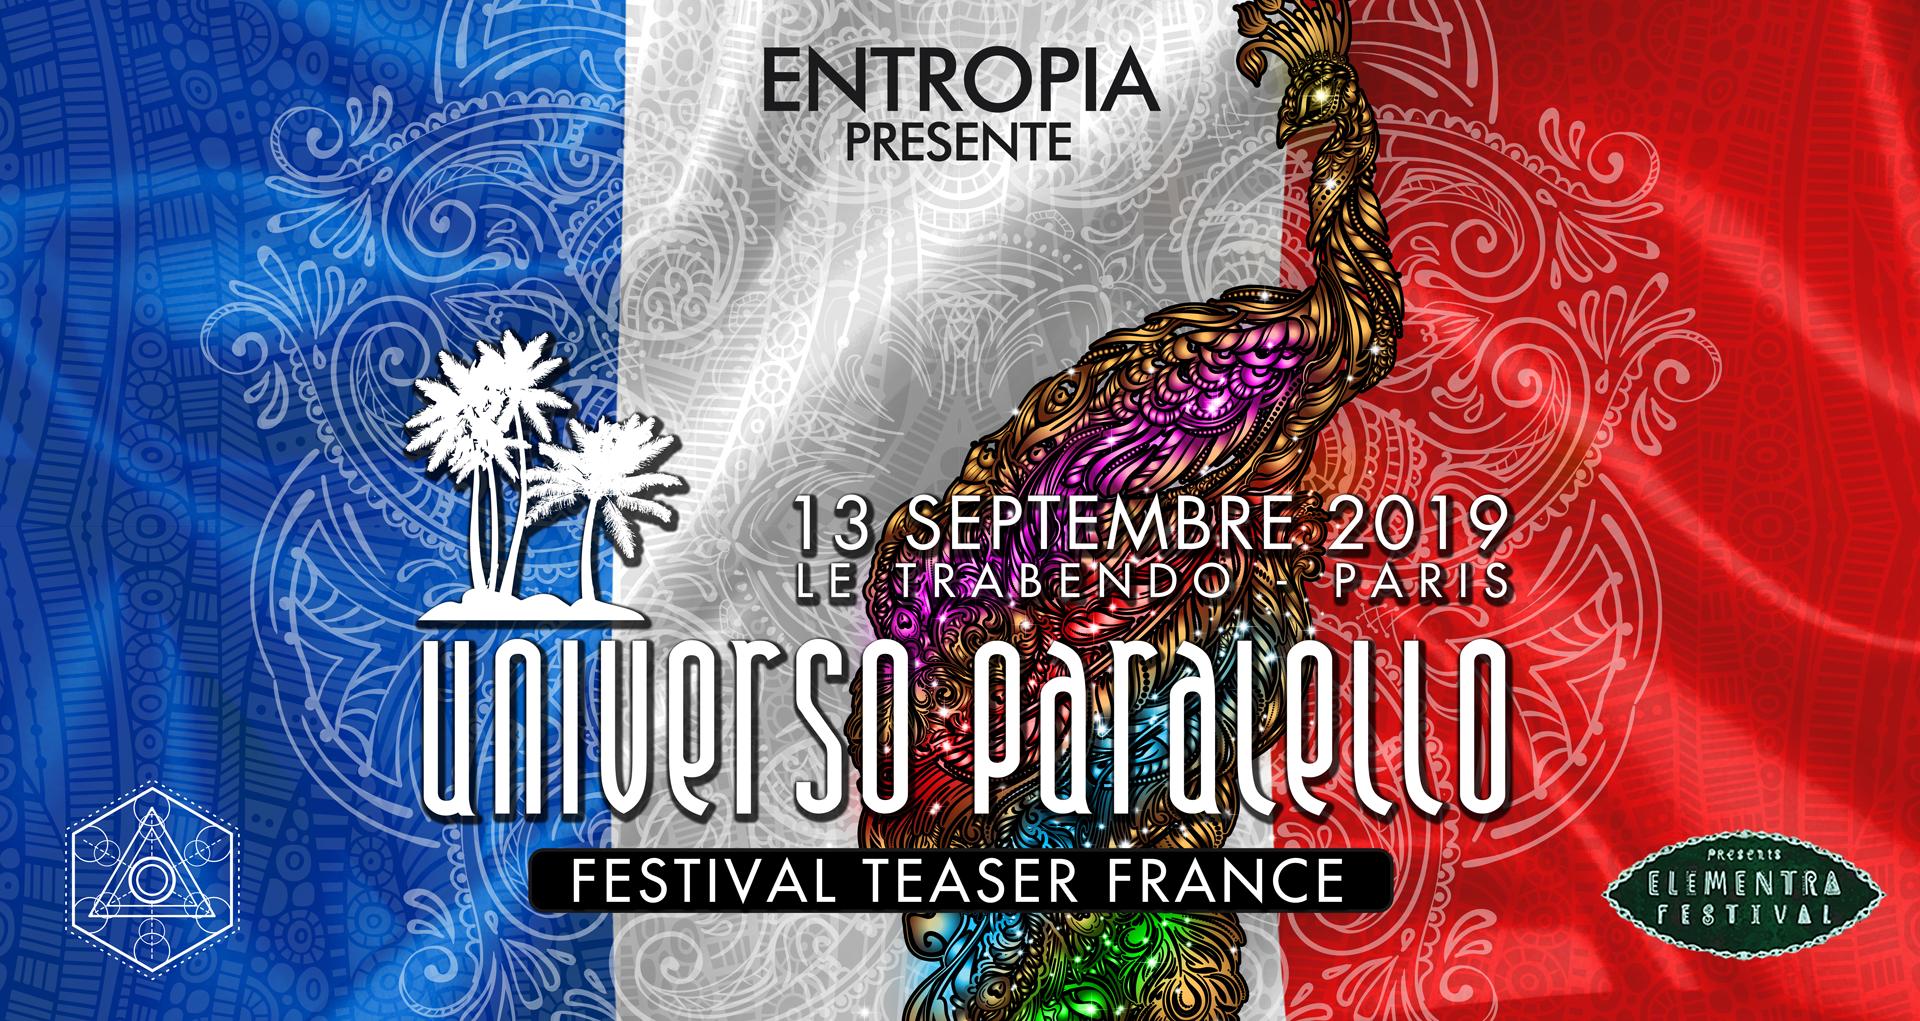 Universo Paralello Festival teaser France